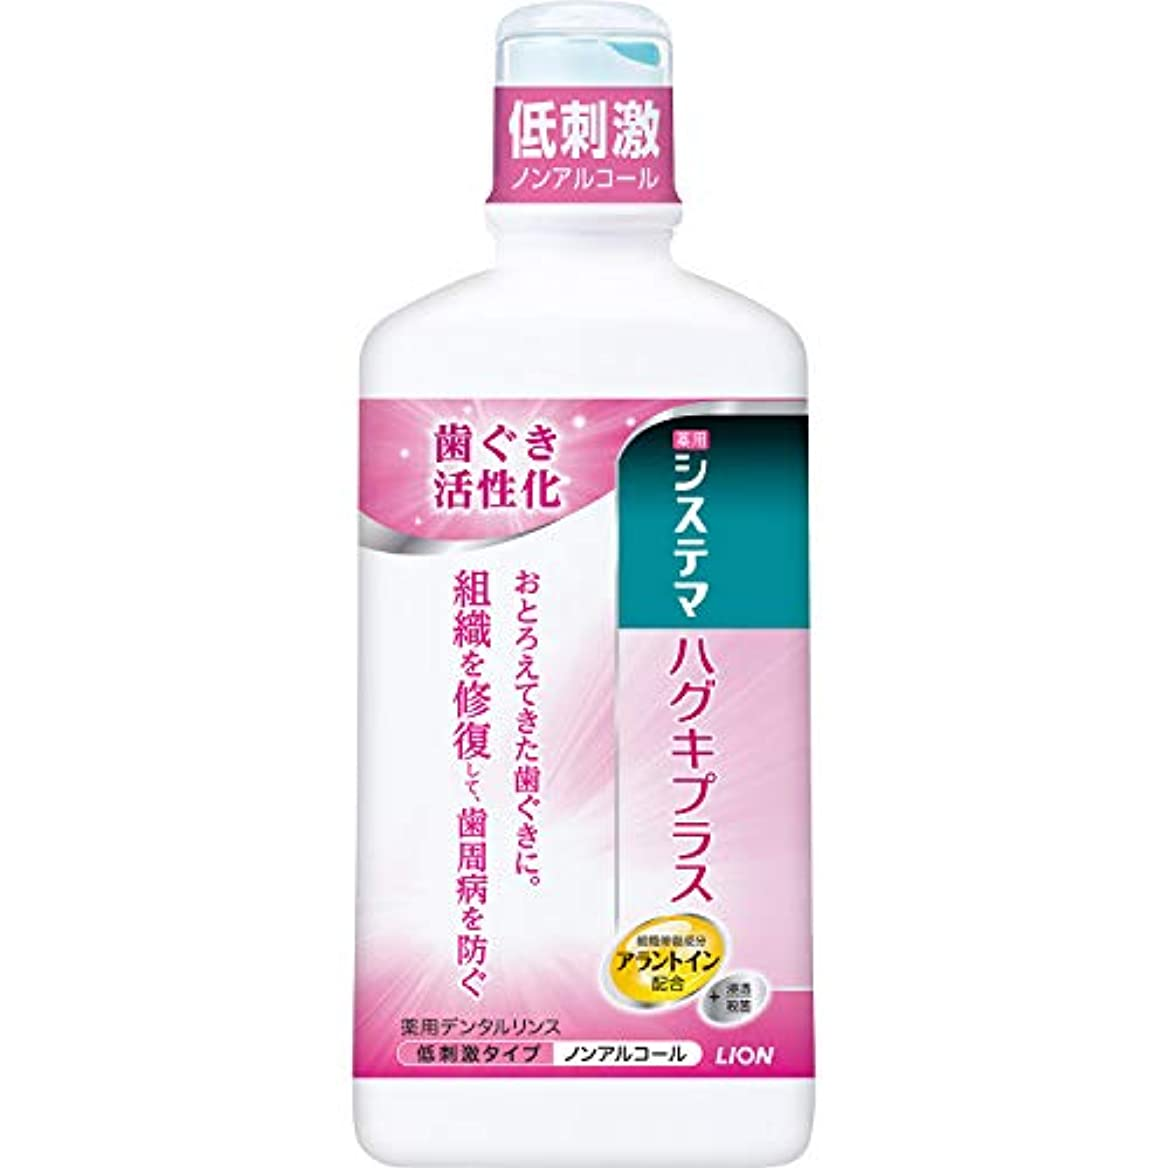 脆い結晶泥沼システマ ハグキプラス デンタルリンス 450ml 液体歯磨 (医薬部外品)